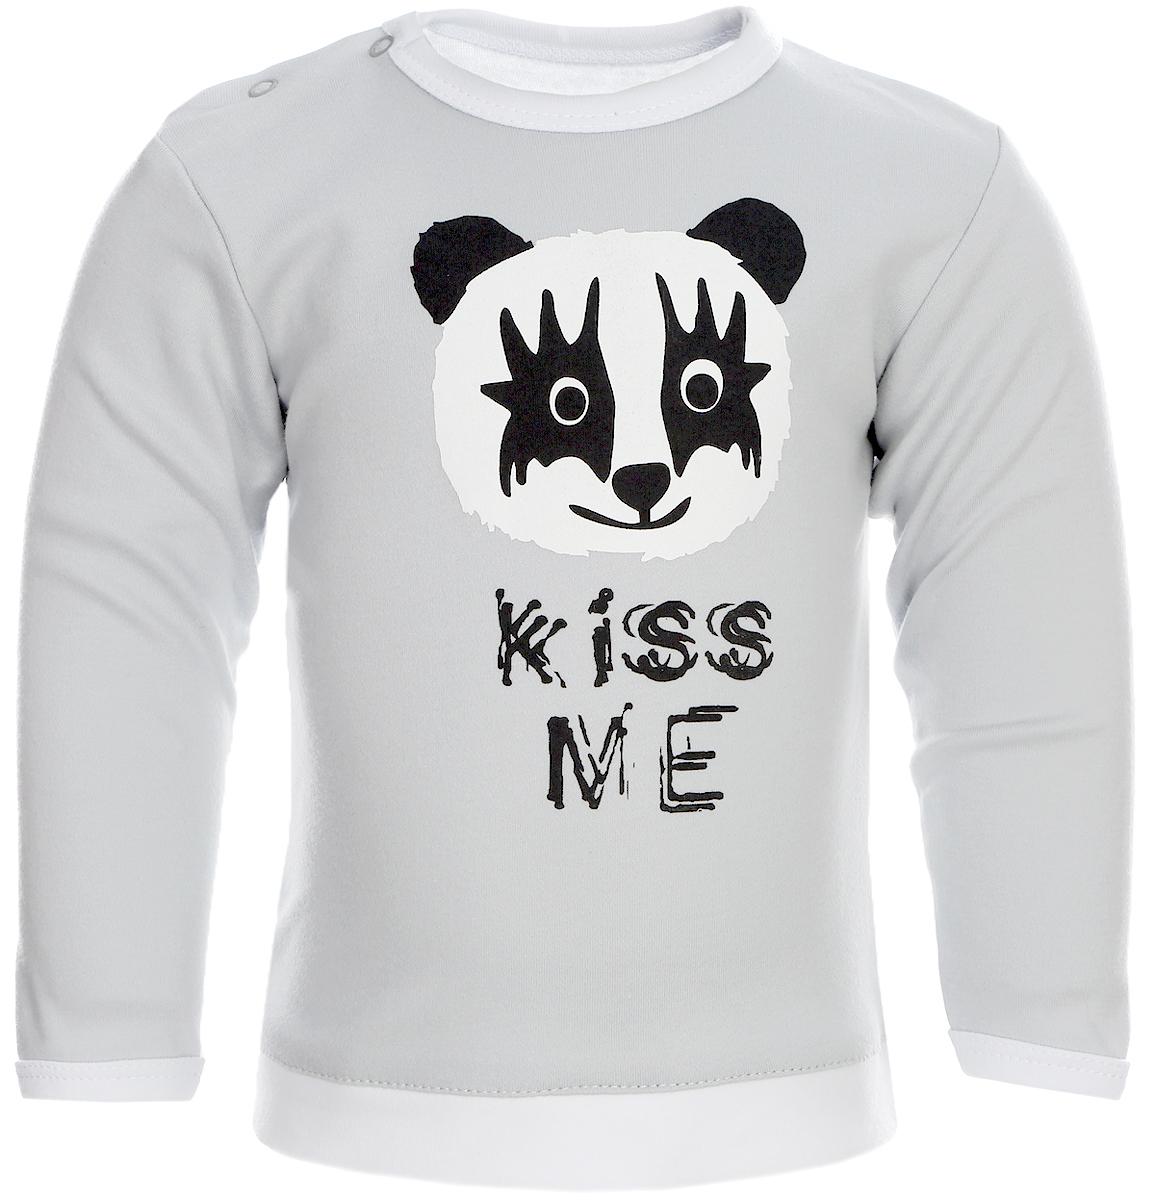 Джемпер для мальчика КотМарКот, цвет: серый, черный. 7921. Размер 92 футболка для мальчика котмаркот цвет серый 14946 размер 116 6 лет